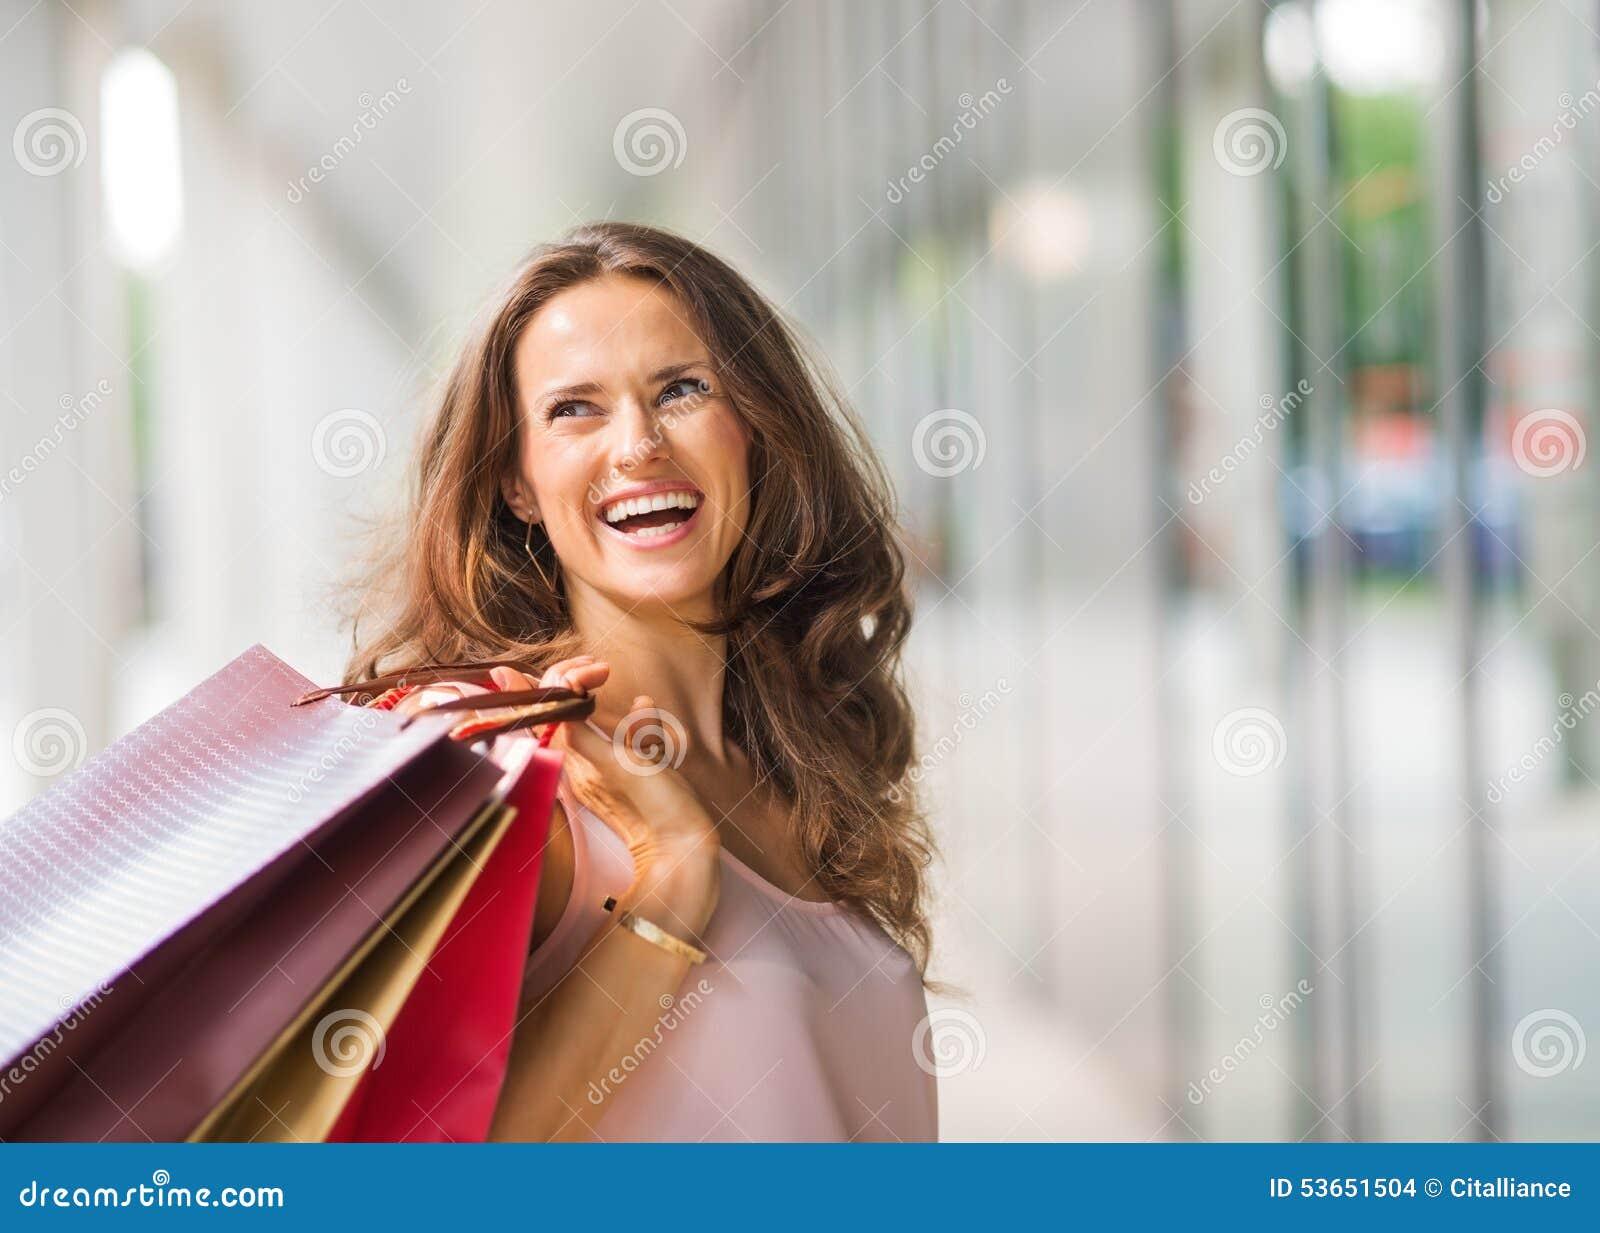 阻止购物袋的棕色毛发,愉快,微笑的妇女